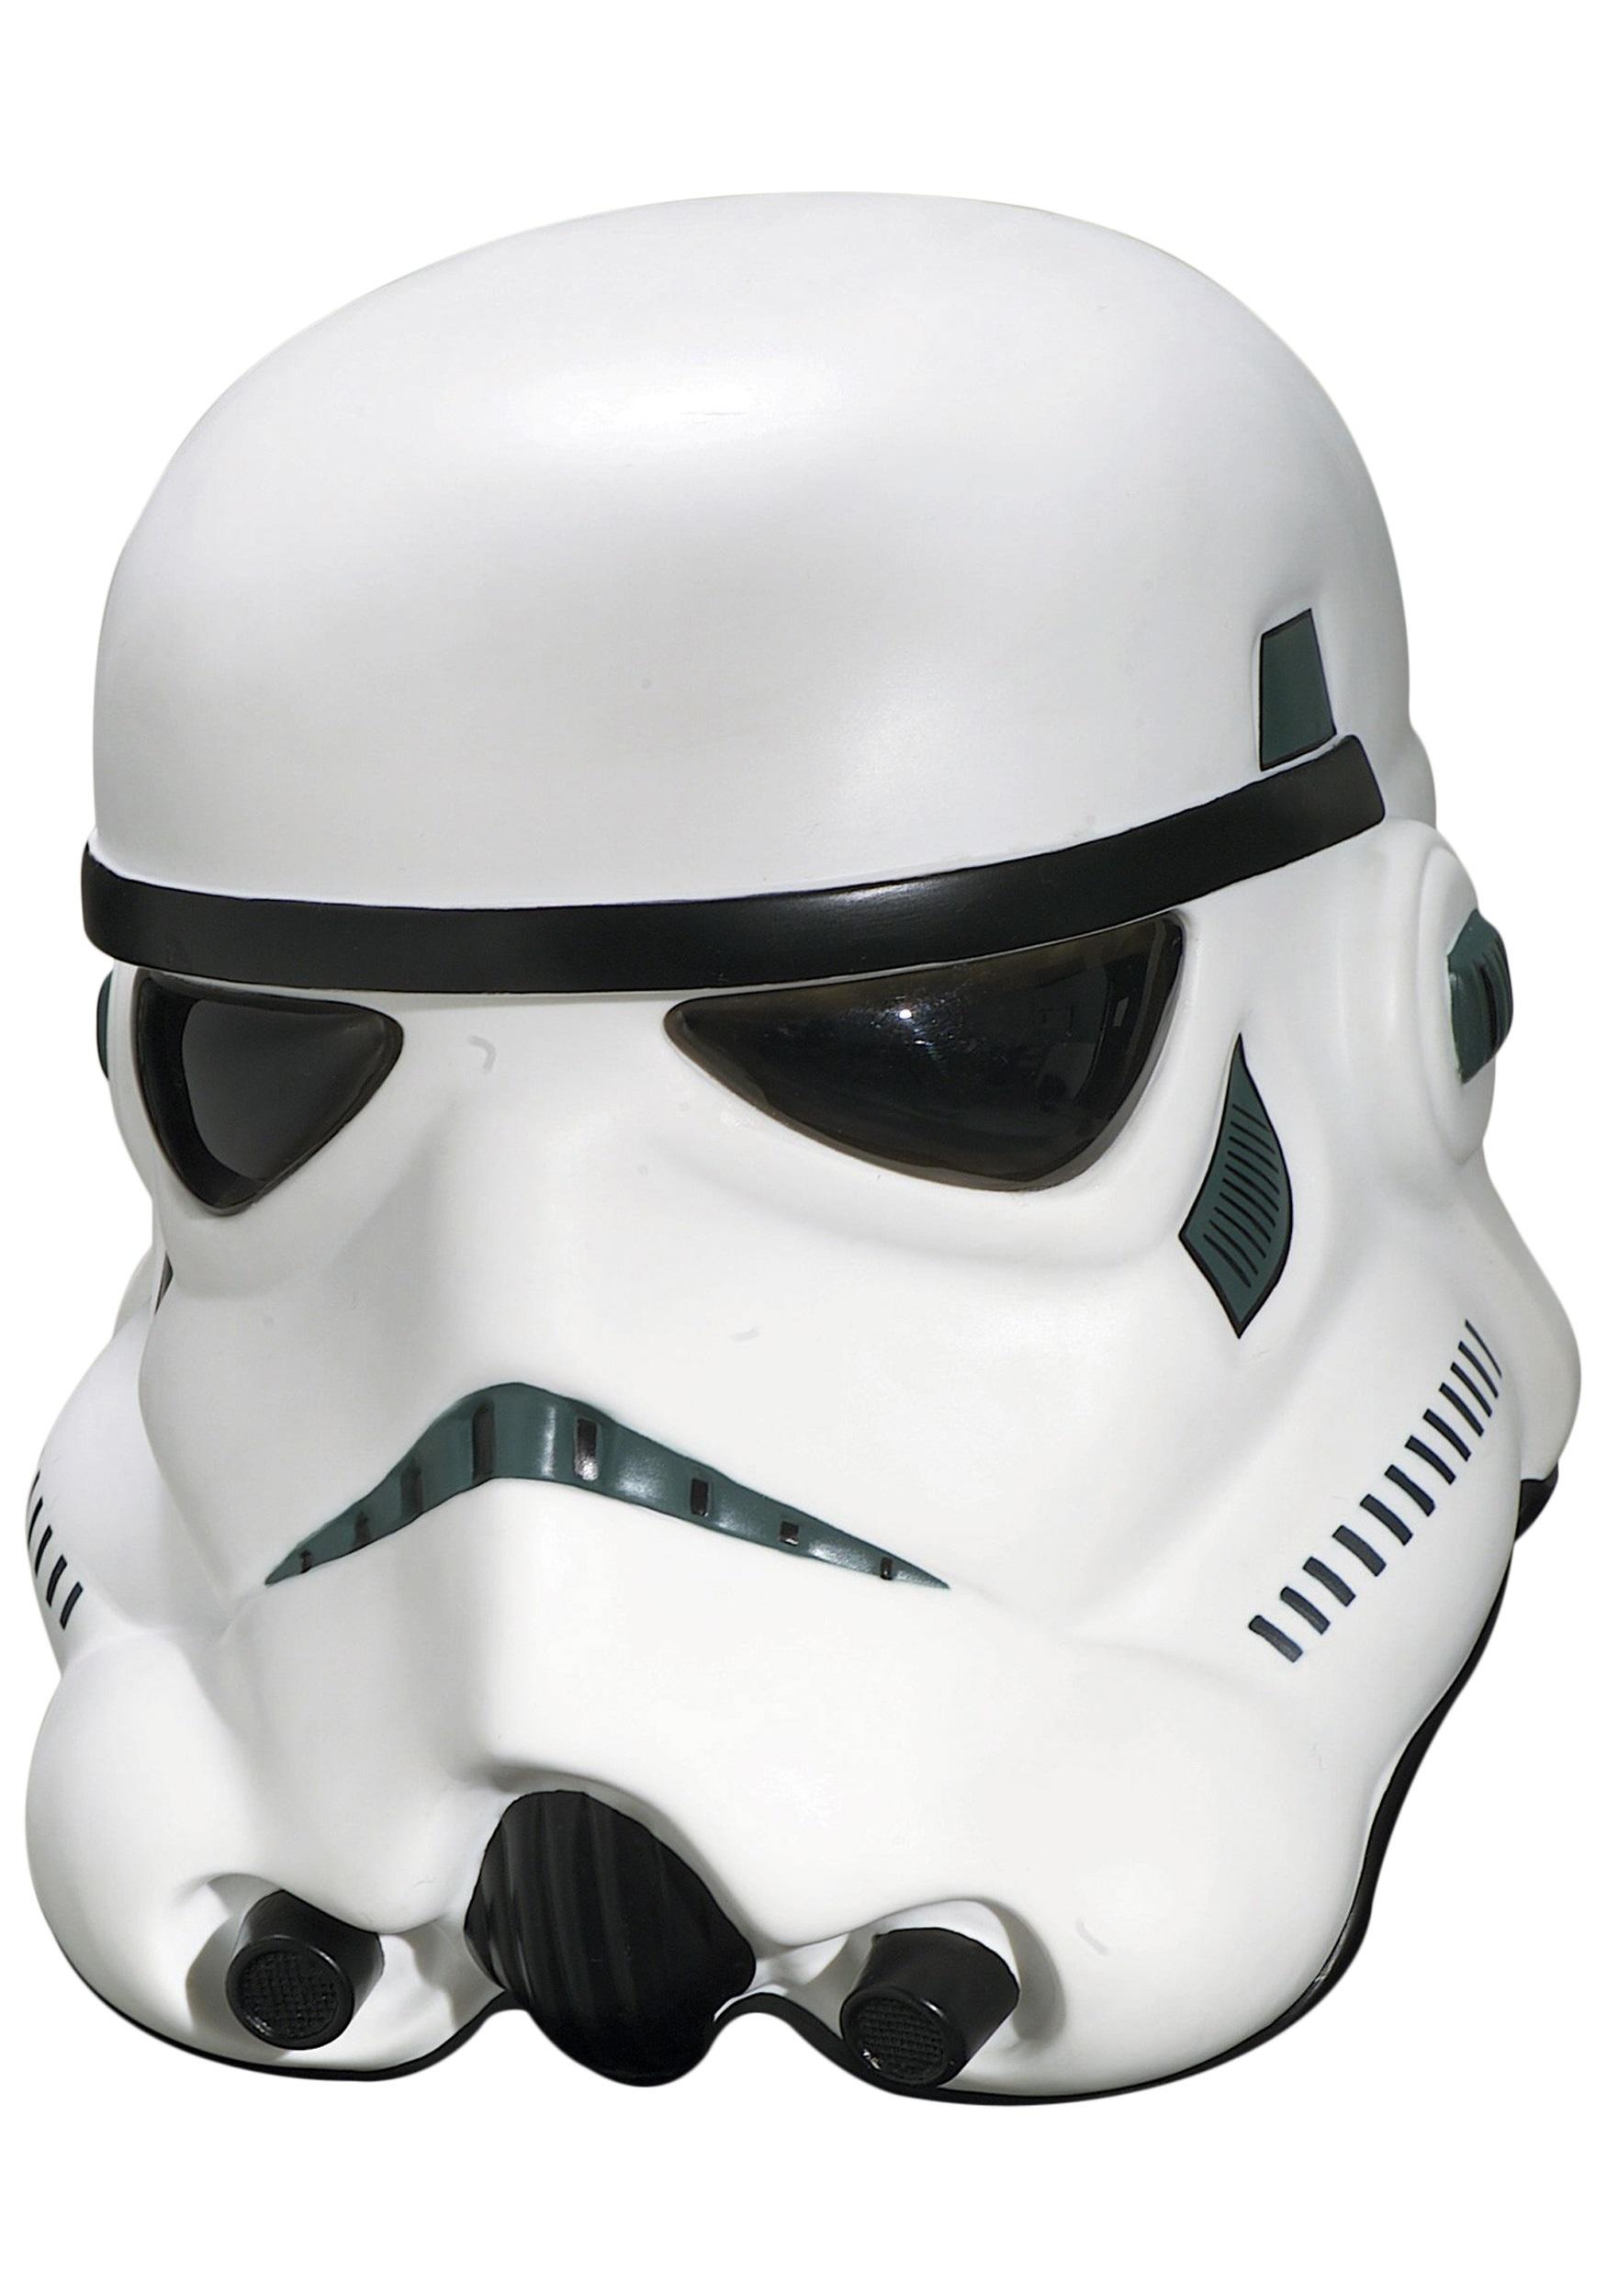 Collectoru0027s Stormtrooper Helmet  sc 1 st  Halloween Costumes UK & Collectoru0027s Stormtrooper Helmet - Stormtrooper Replica Helmet